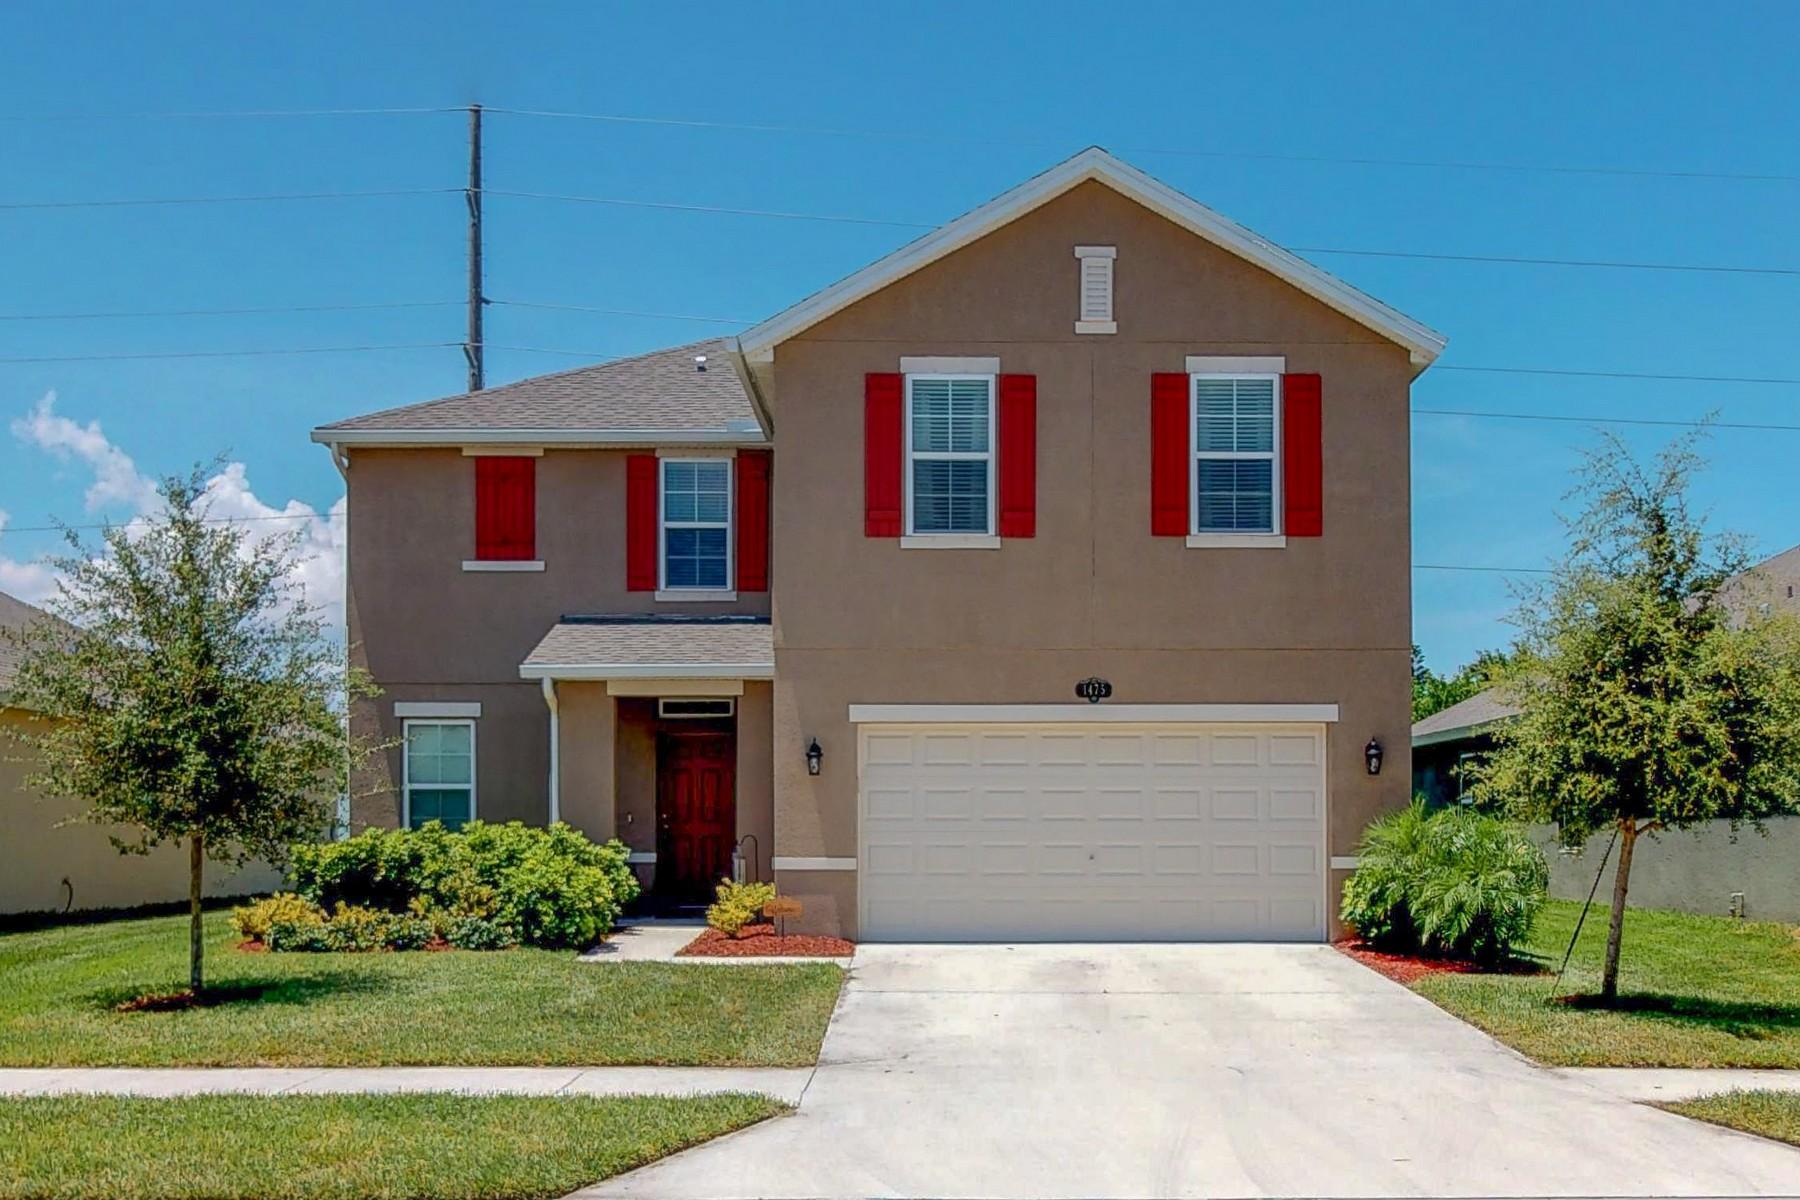 단독 가정 주택 용 매매 에 Why Build, Two Years New in Great Location 1475 Lexington SQ SW Vero Beach, 플로리다 32962 미국